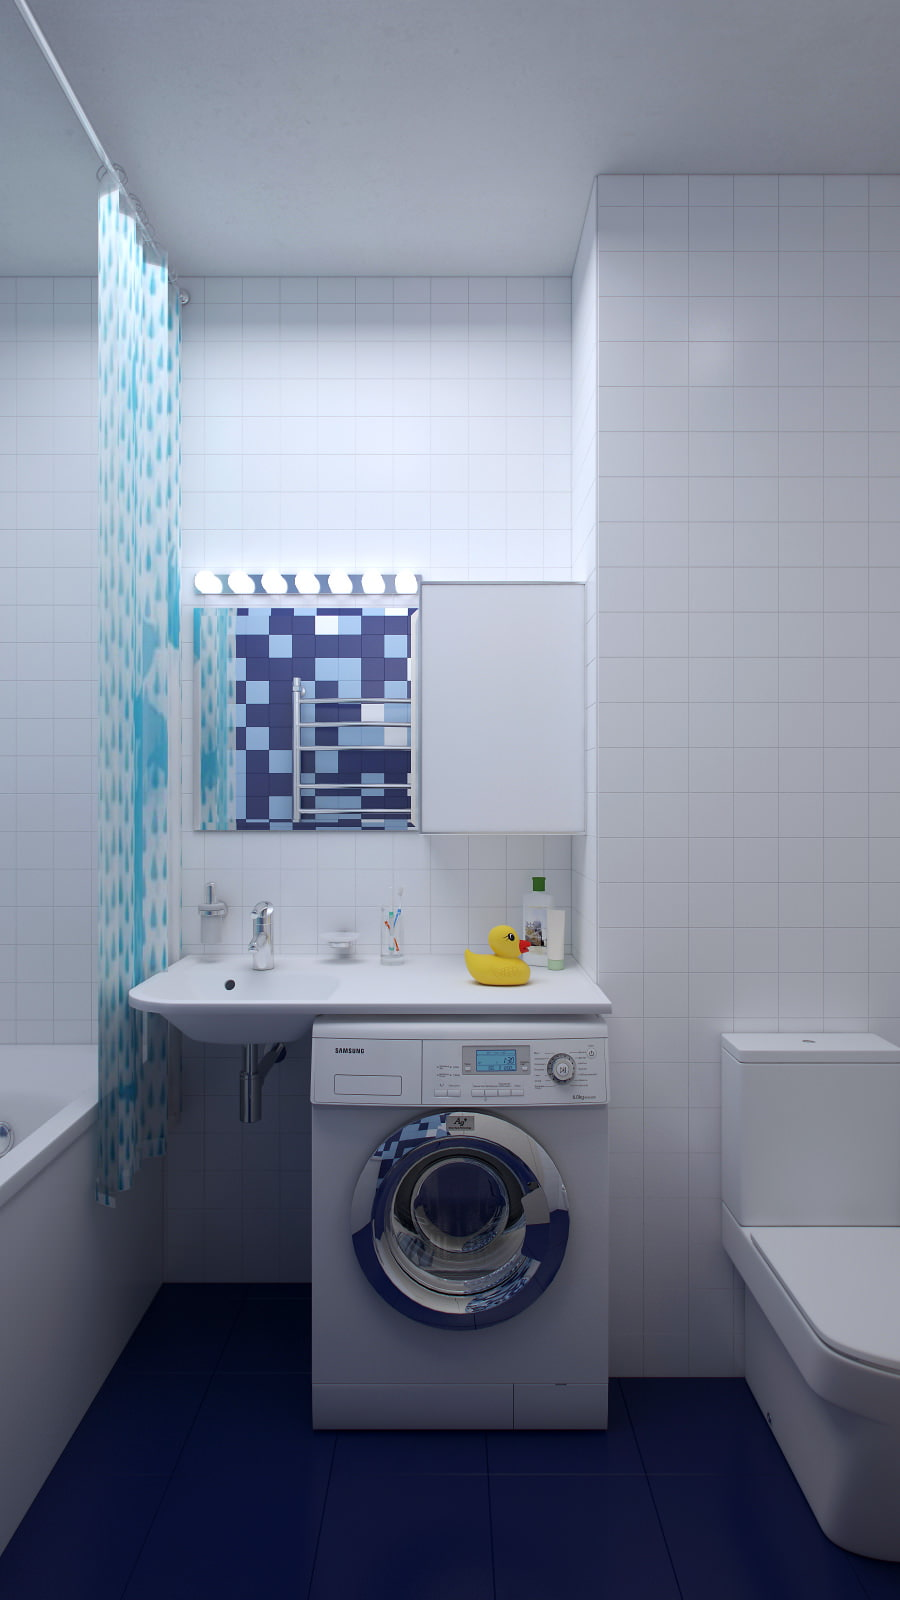 Дизайн ванной комнаты маленького размера со стиральной машиной фото